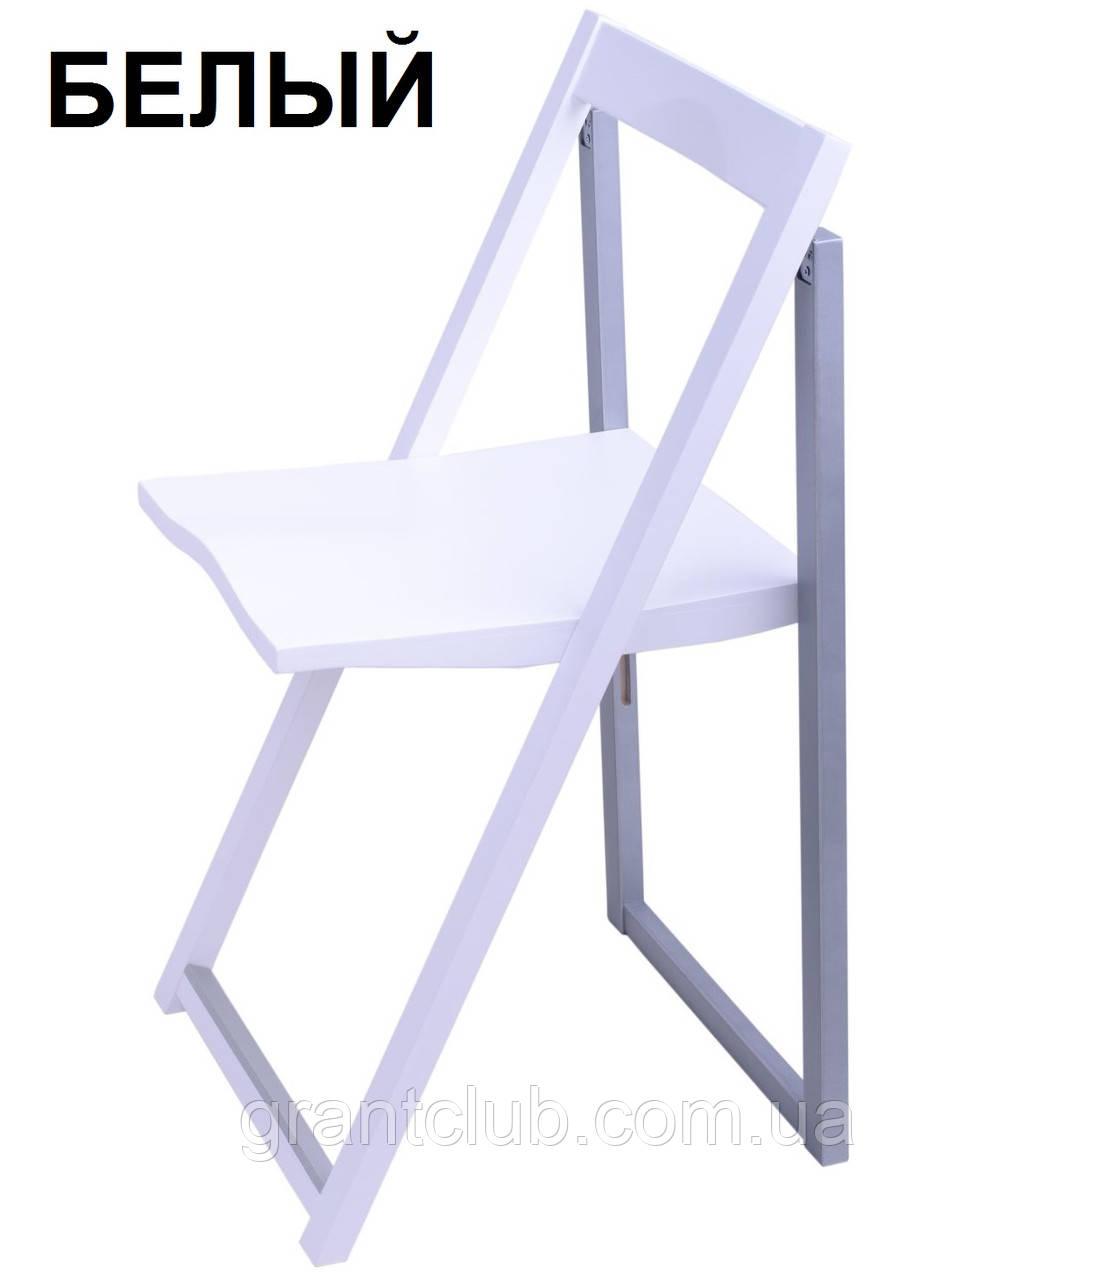 Стул деревянный складной белый WHITE Slim SILLA